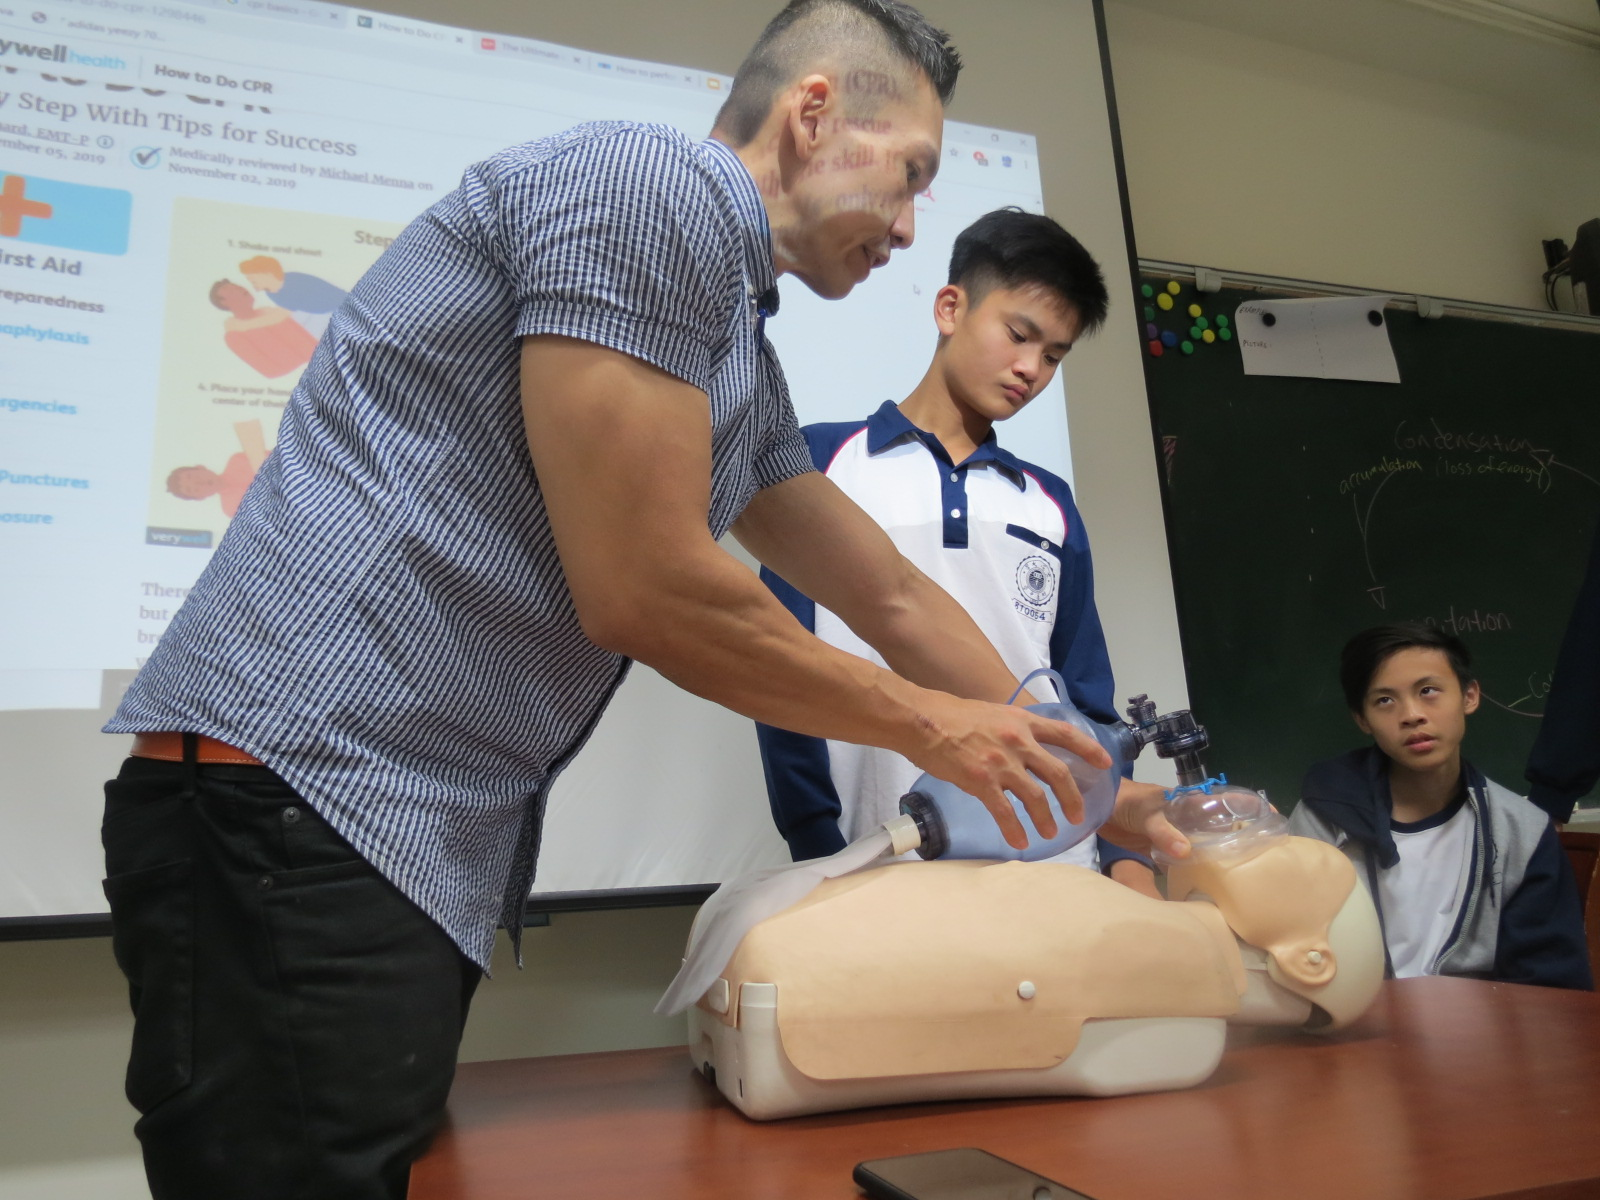 彈性學習-First Aid and EMT緊急醫療救護